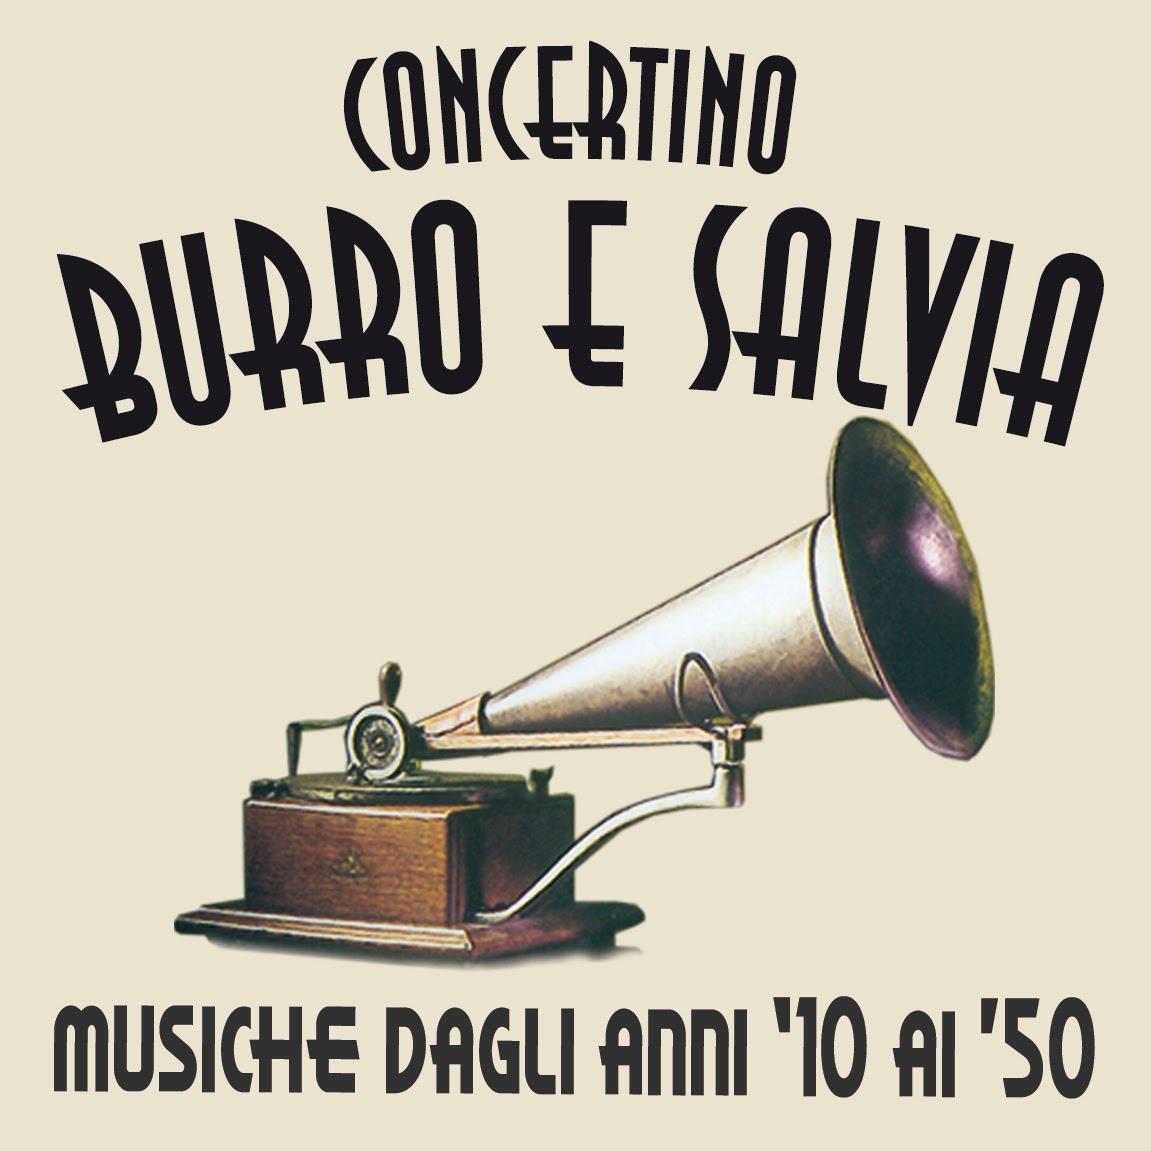 Musica dagli anni '10 ai '50